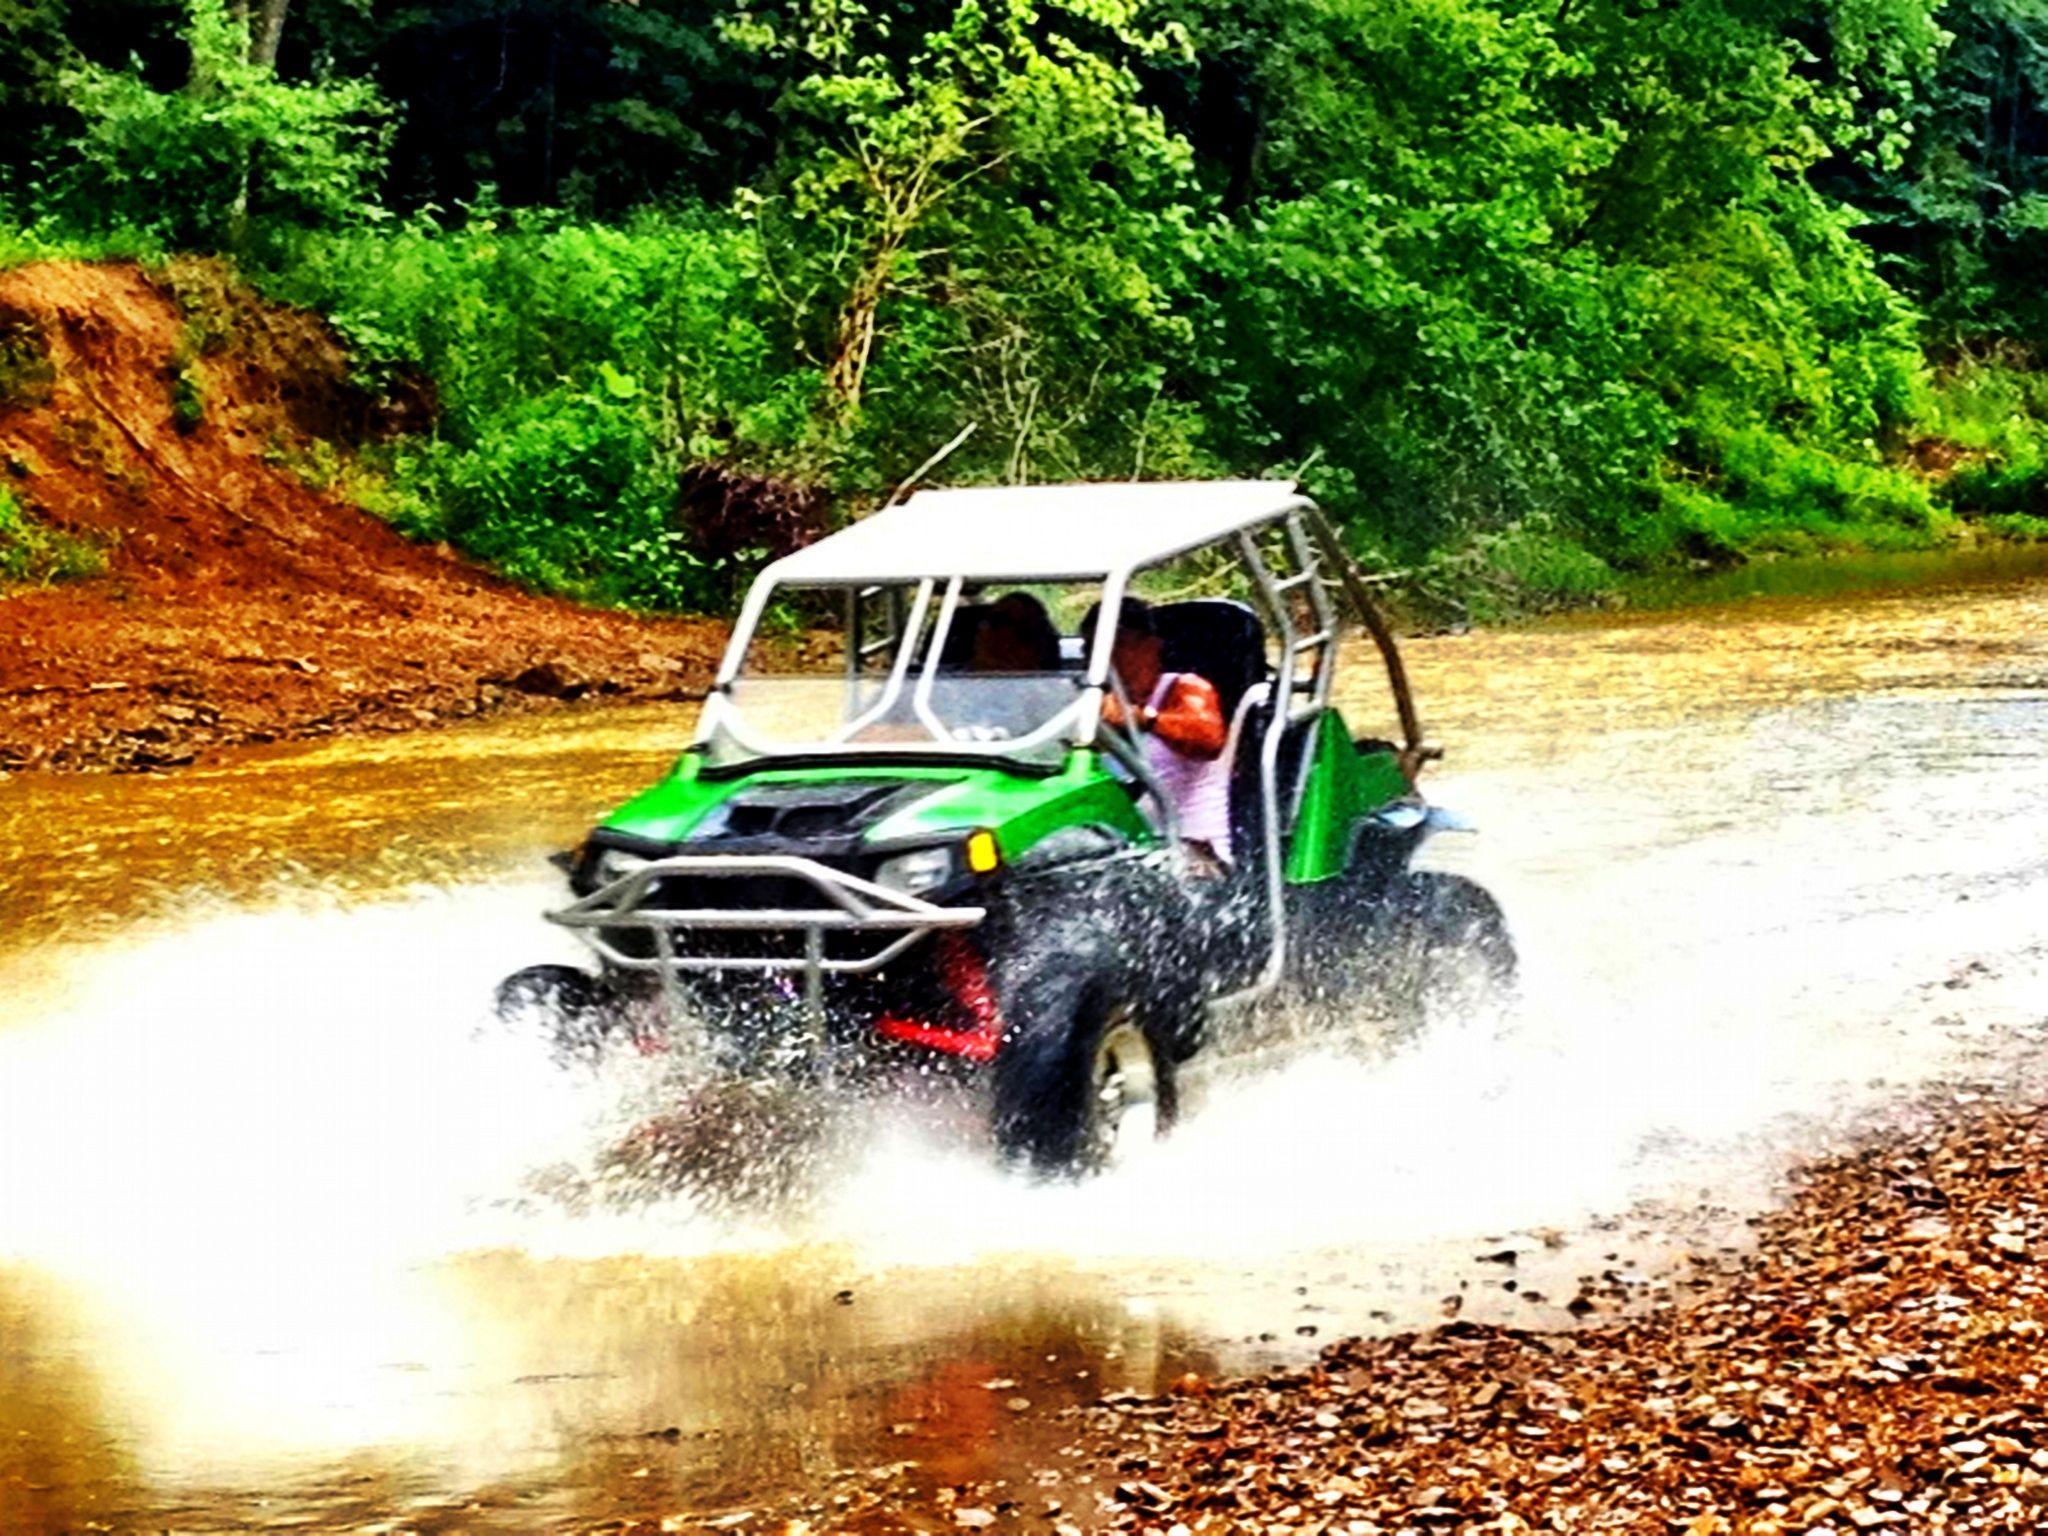 Carsey S Ride Creek Riding With Mud Hog Atv Atv Atvs Honda Yamaha Kawasaki Suzuki Atvsforsale Atving Atvaccessories Atvracing Atv 4 Wheeler Mud Bog